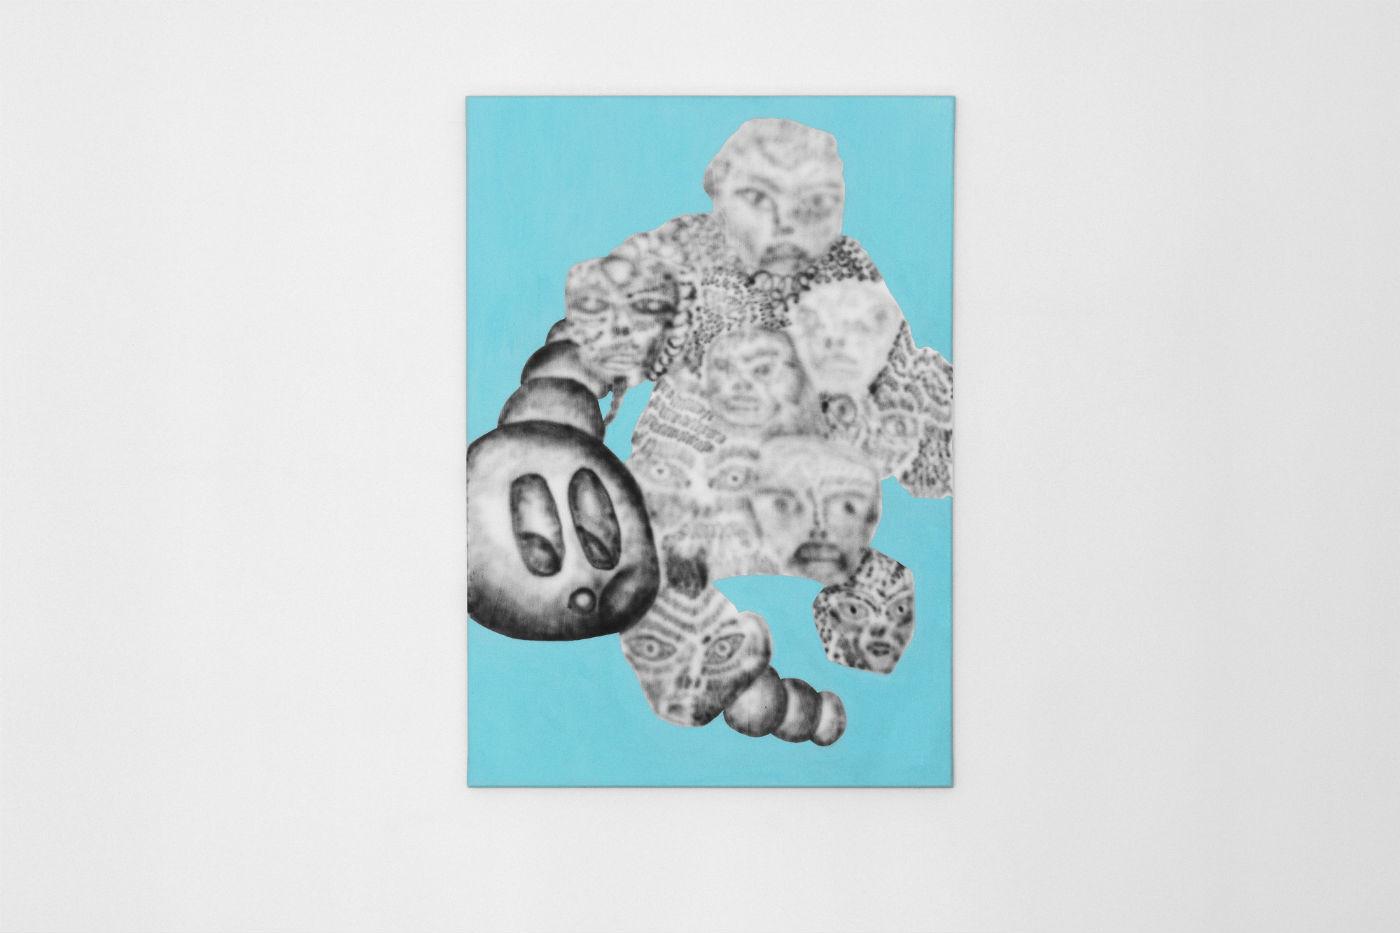 Stach Szumski, beztytułu, akryl iaerograf napłótnie, 100 x 70 cm, 2016